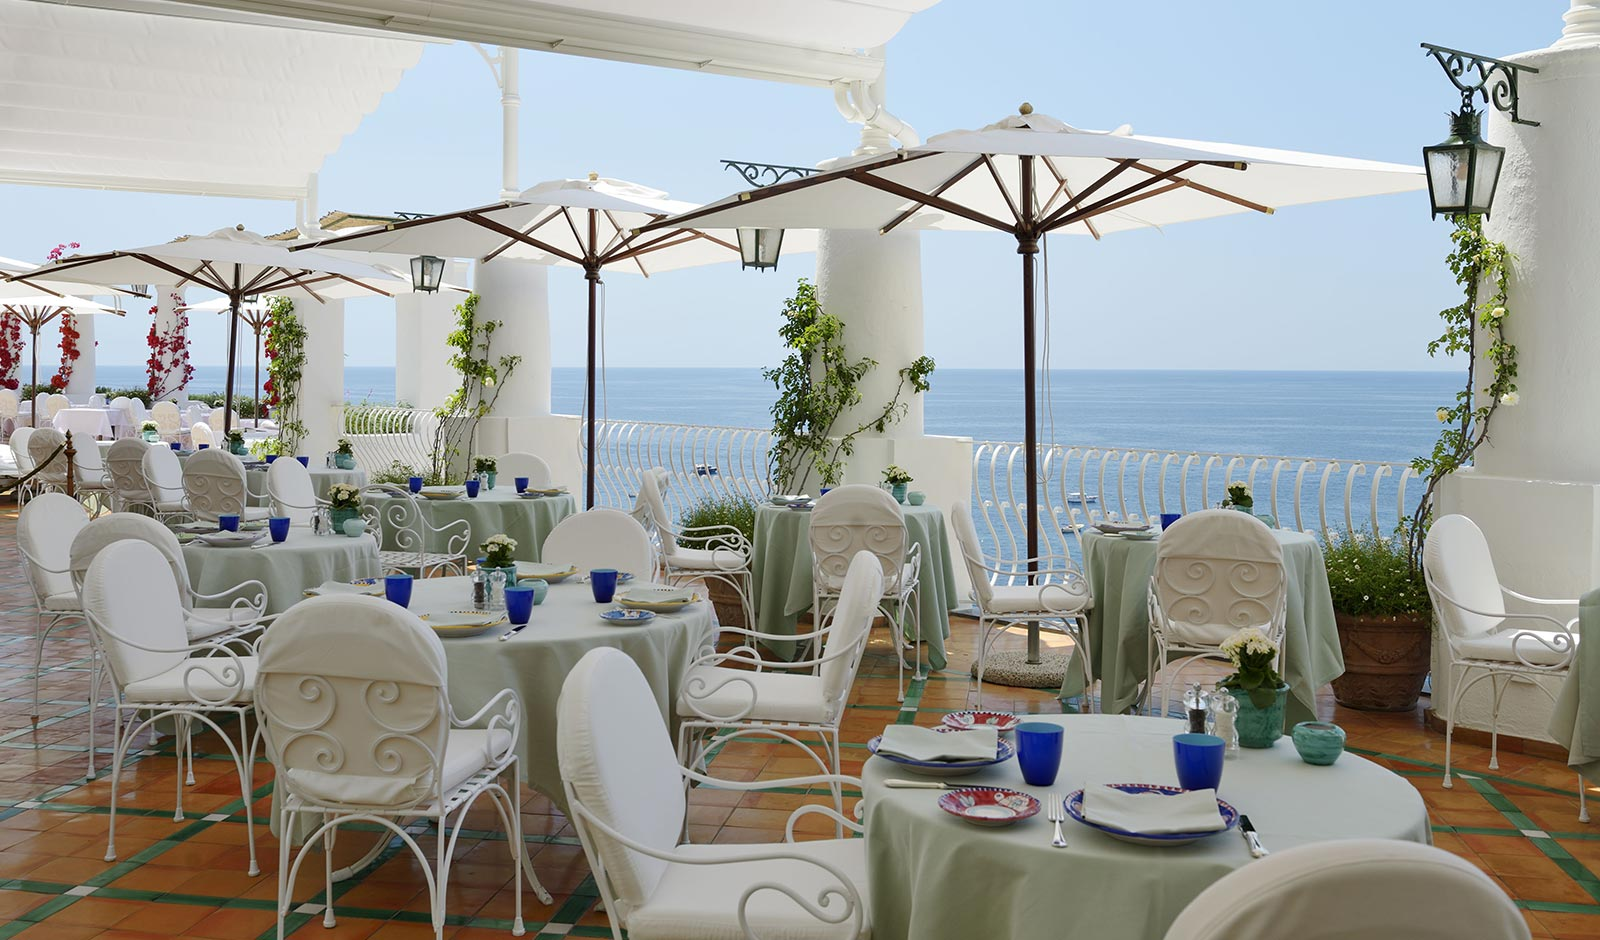 Restaurant La Sponda - Le Sirenuse hotel (Positano)